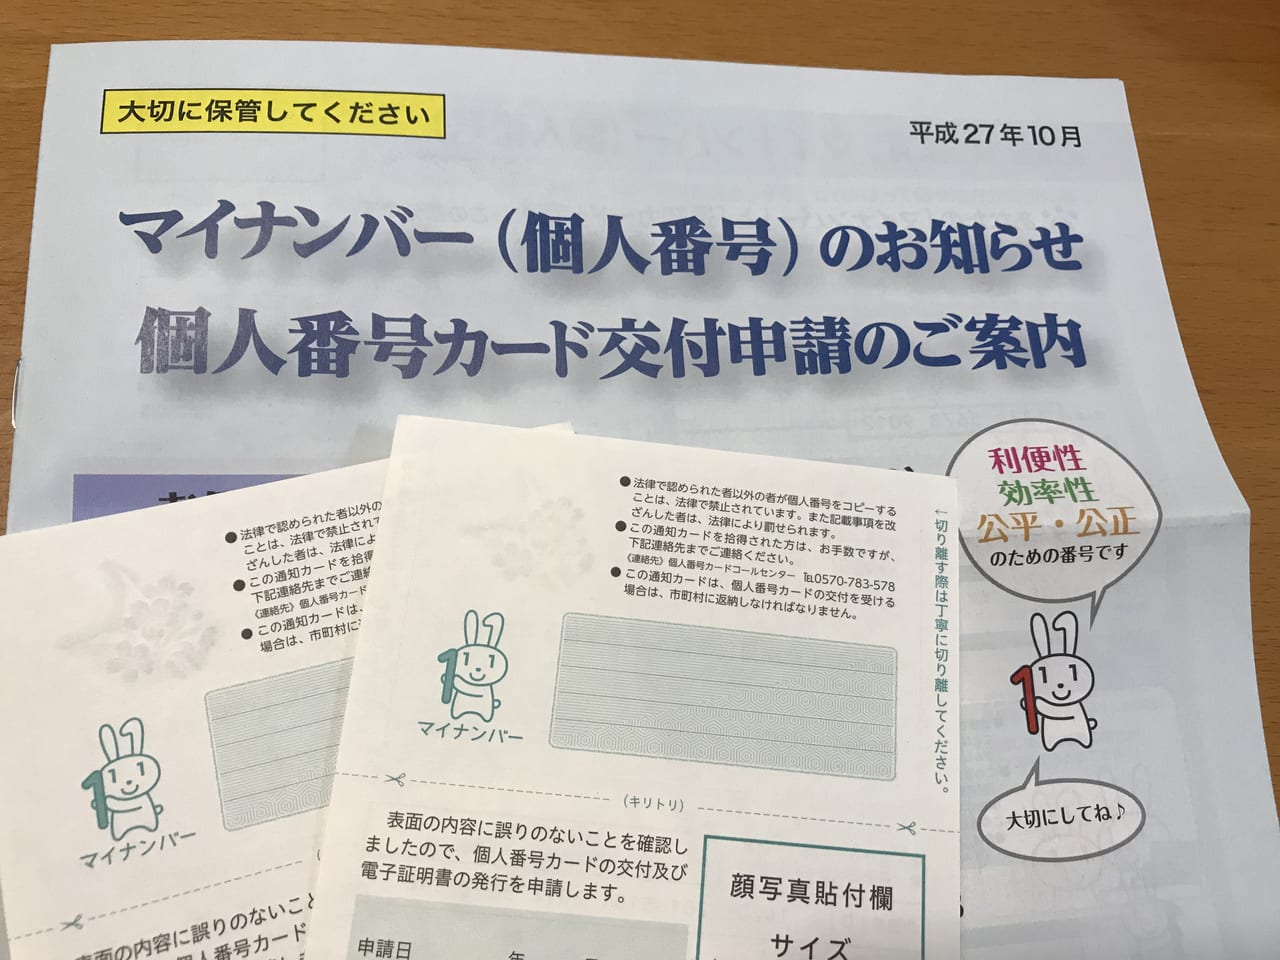 城東区 大阪市 10万円給付